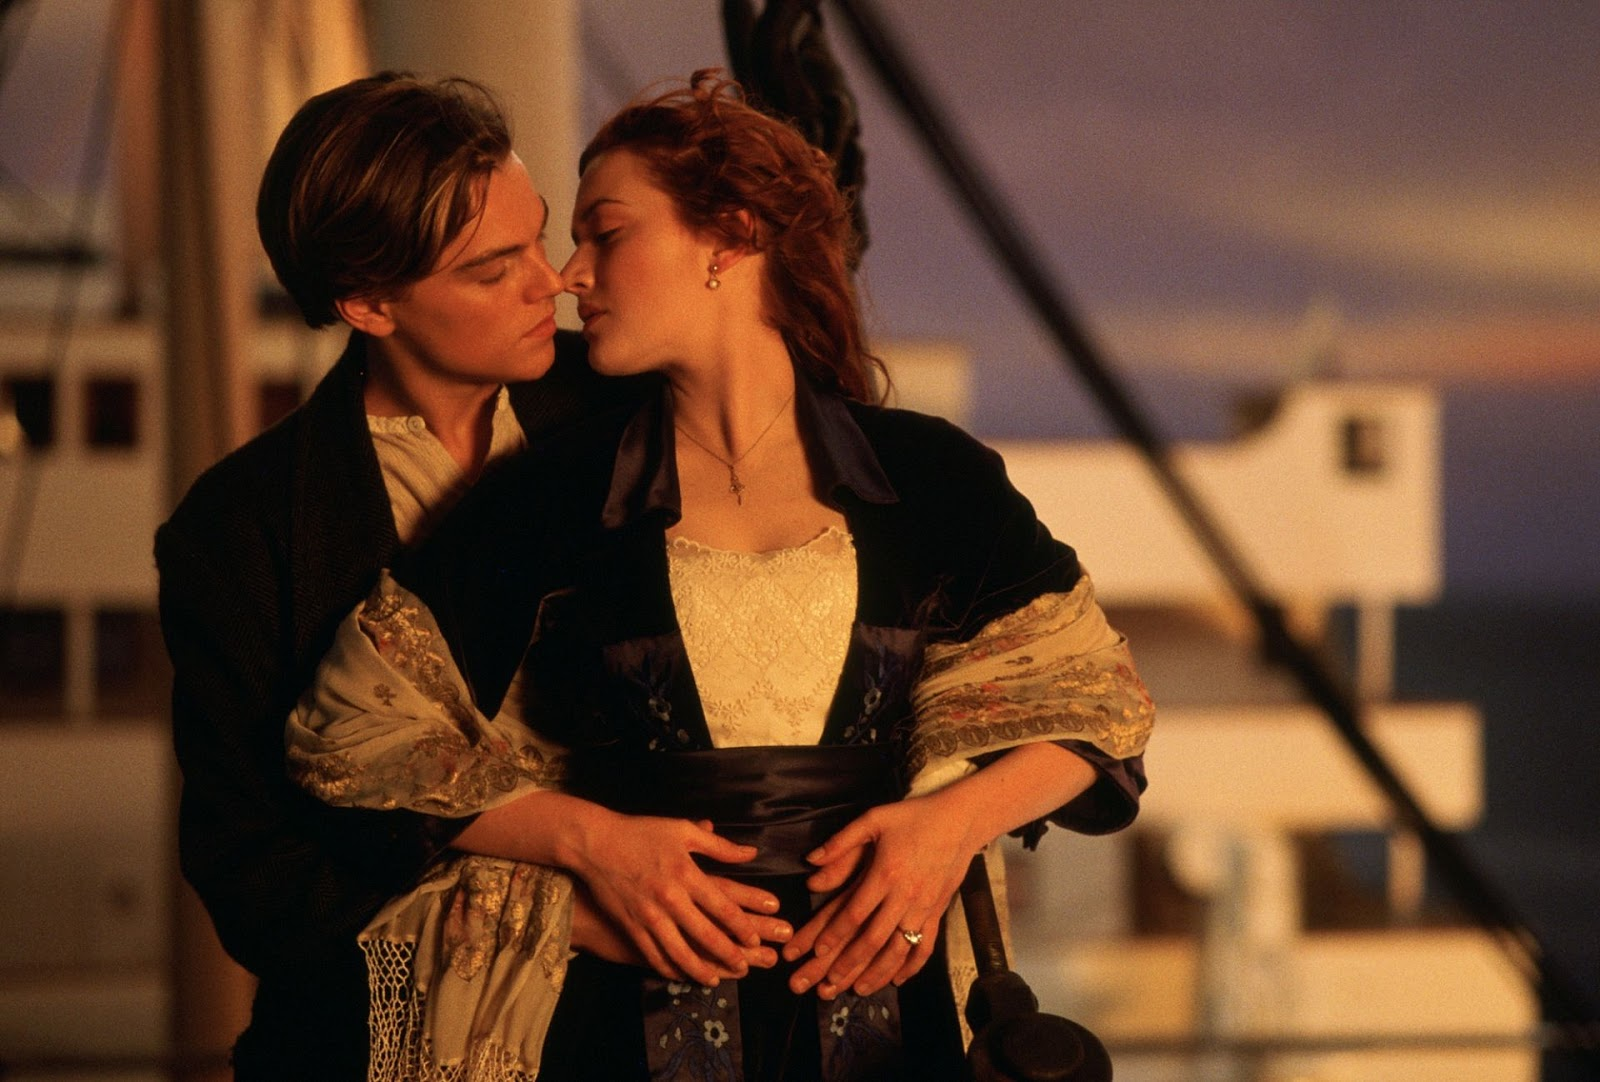 Giornata Mondiale del Bacio: i Baci più Belli dei Film